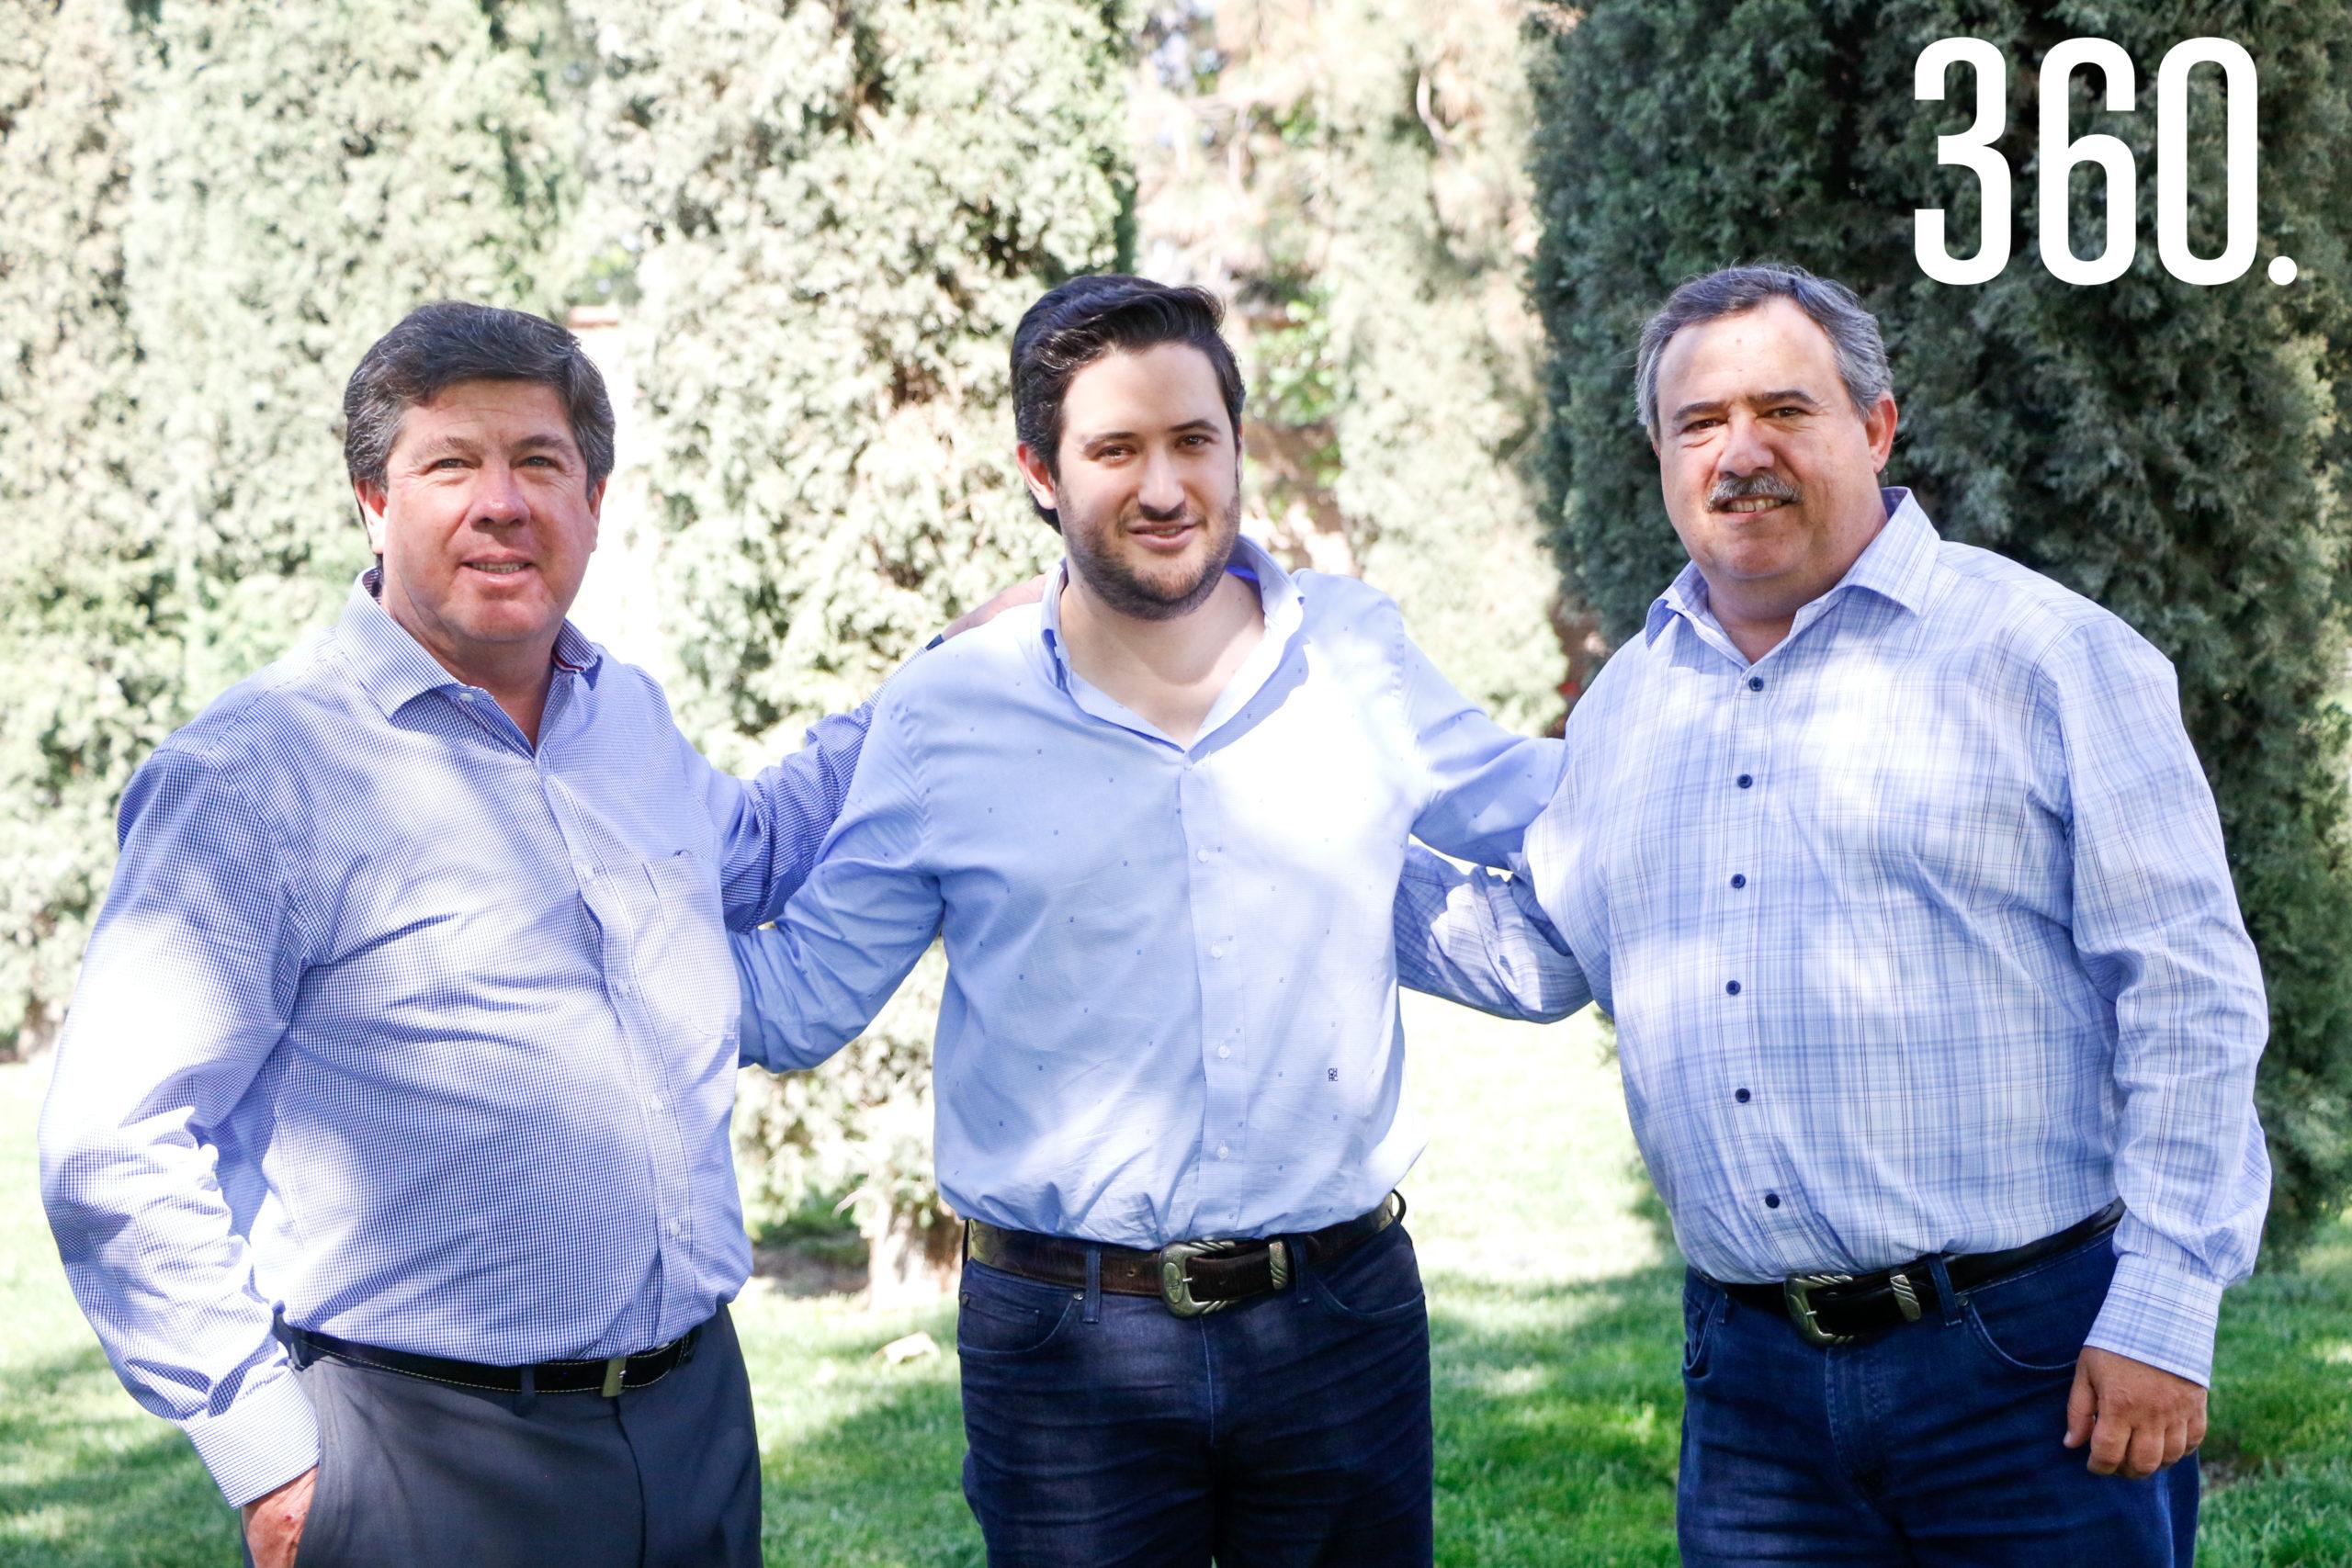 Alejandro Dávila acompañado de su suegro, Sergio Arsuaga, y su papá, Alejandro Dávila.